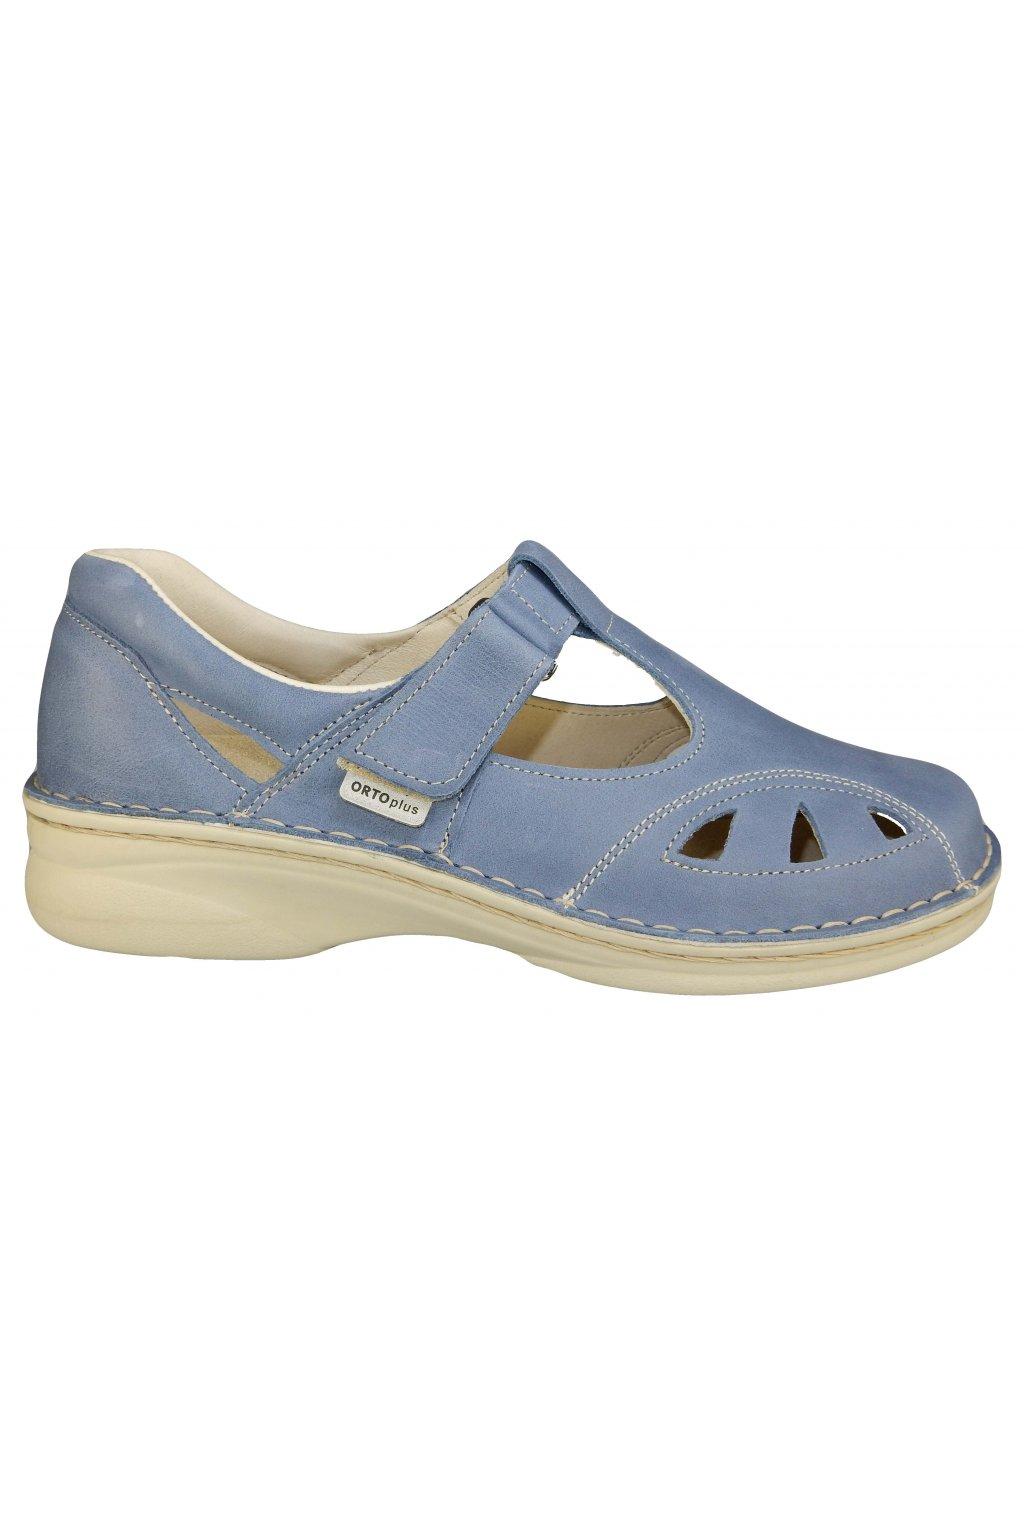 Dámská vycházková zdravotní obuv ORTO PLUS 1501 M